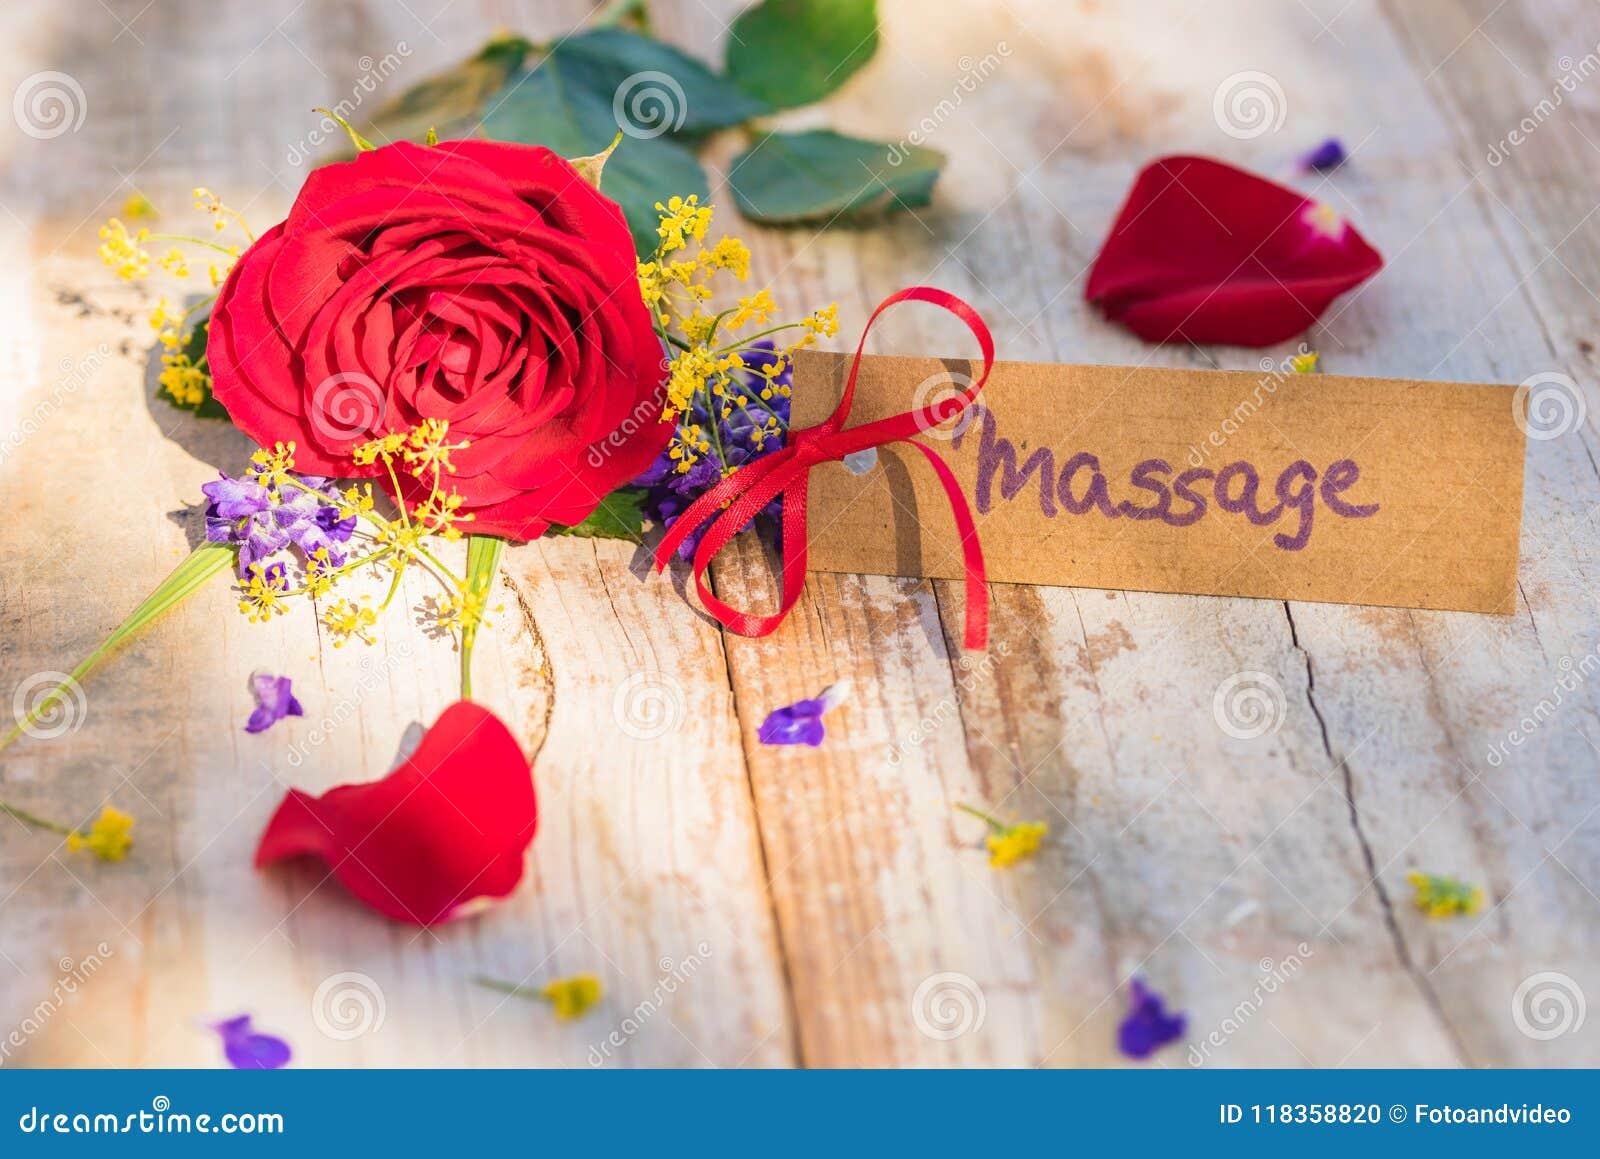 Giftkaart, bon of coupon voor Massage met bloemen voor Moeders of Valentijnskaartendag